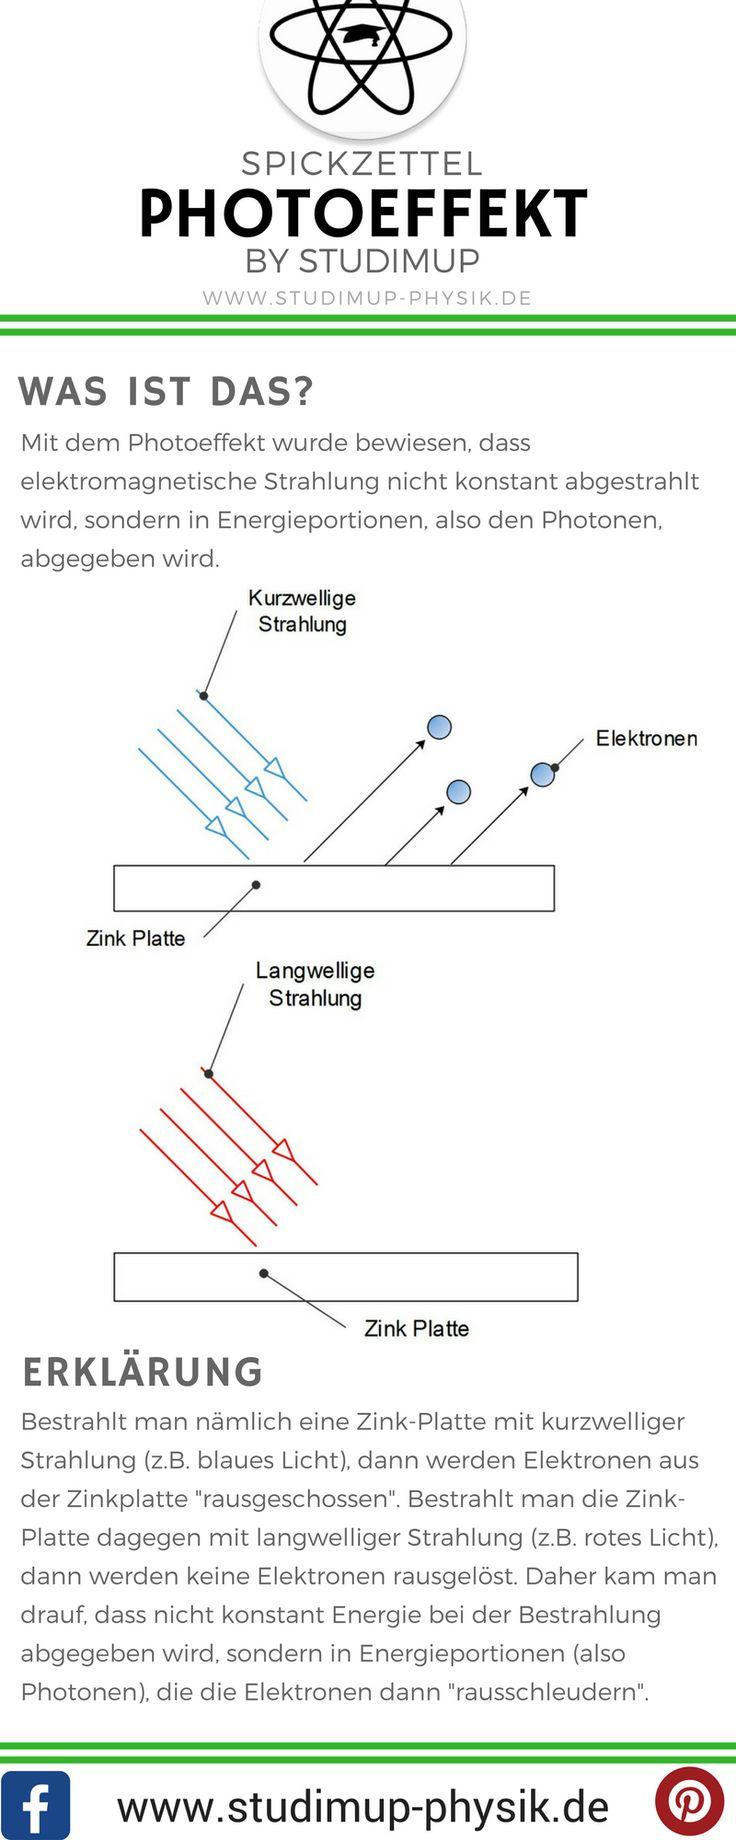 Der Photoeffekt im Spickzettel zusammengefasst. Dafür hat Einstein den Nobelpreis bekommen! Physik einfach lernen bei Studium.